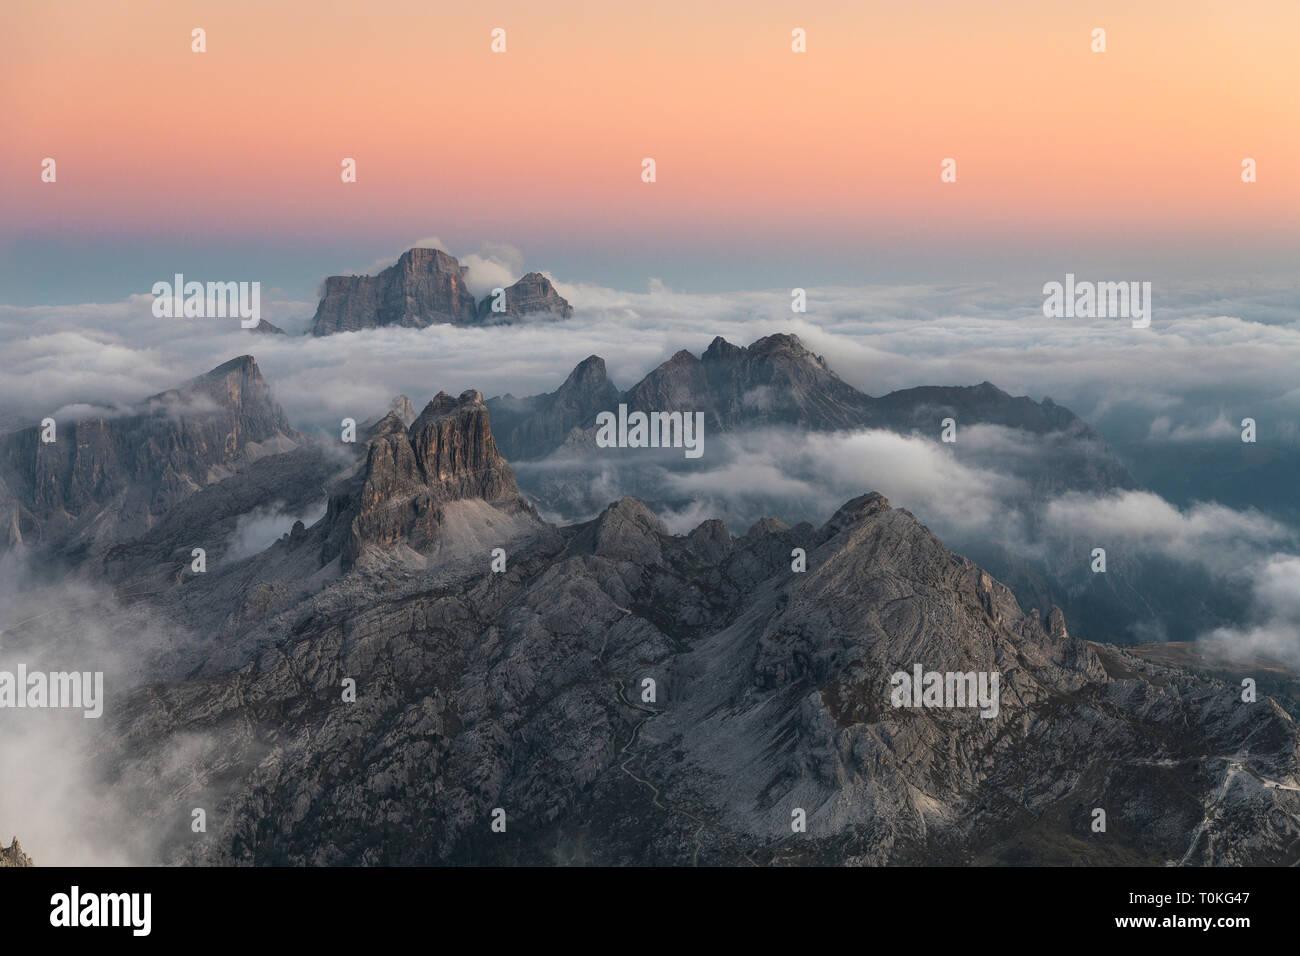 View from Rifugio Lagazuoi (2752 m) to Monte Pelmo, Monte Averau and the Croda Negra and the Civetta, Dolomites, Cortina d'Ampezzo, Italy Stock Photo